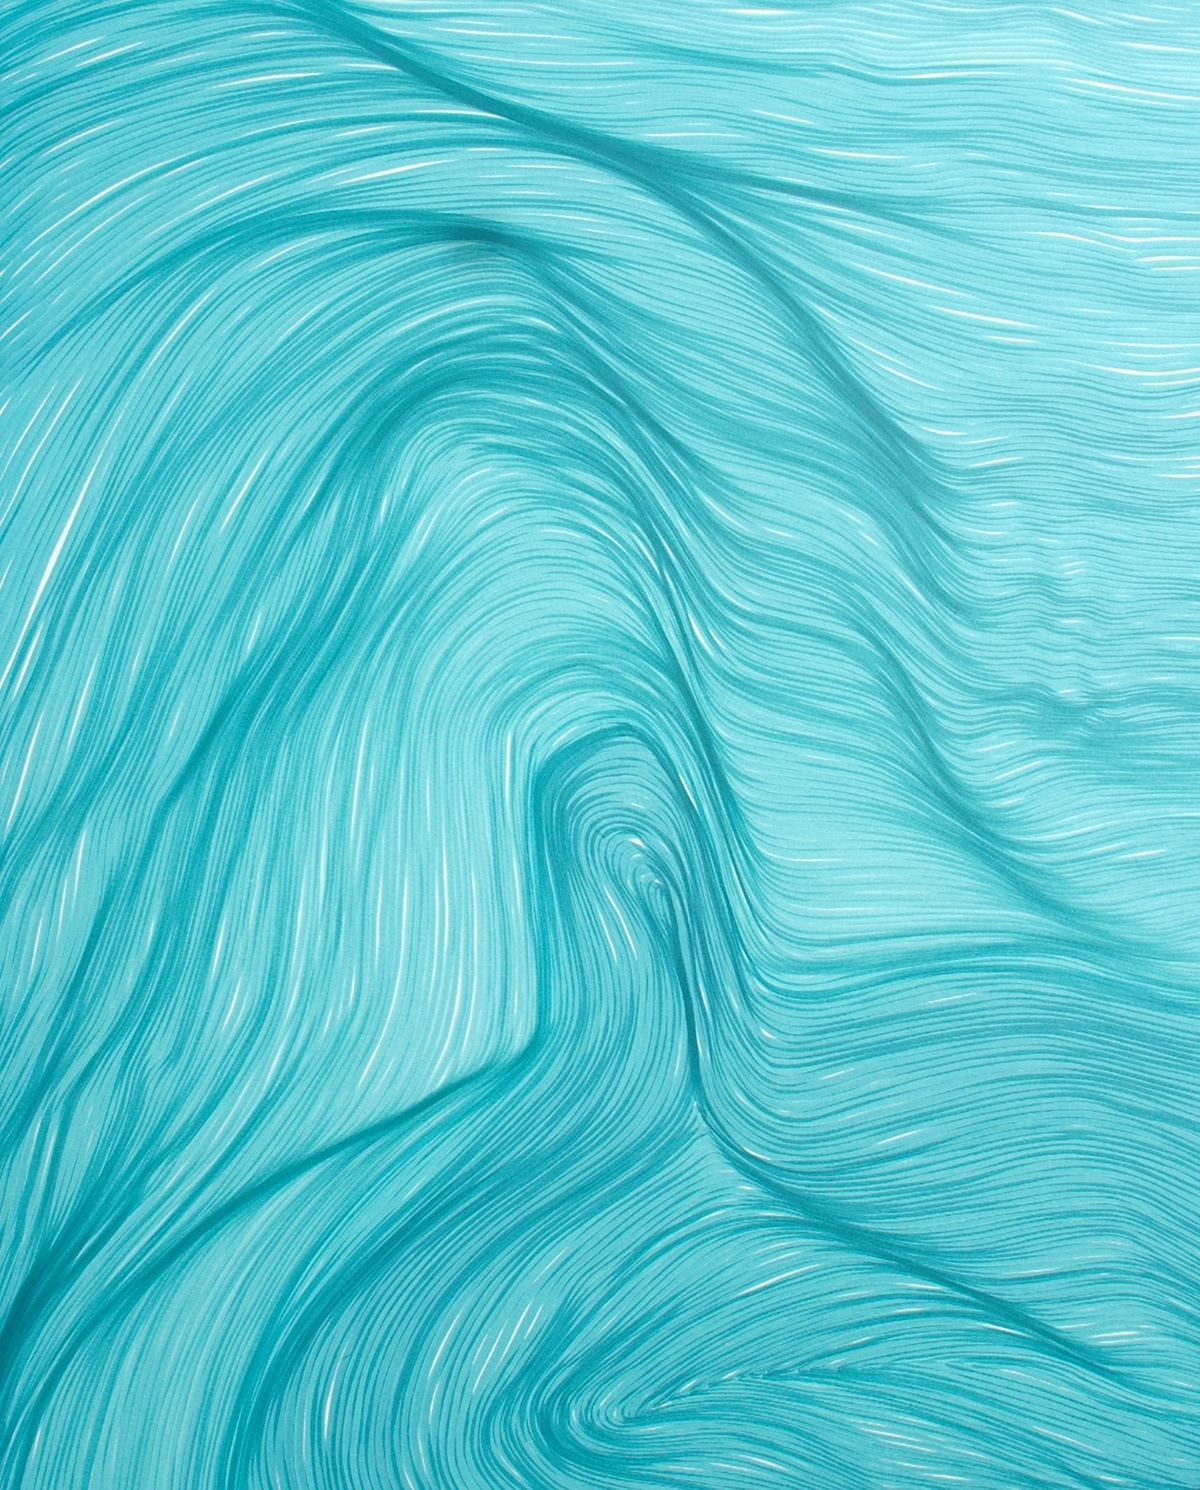 Image may contain: abstract, water and aqua